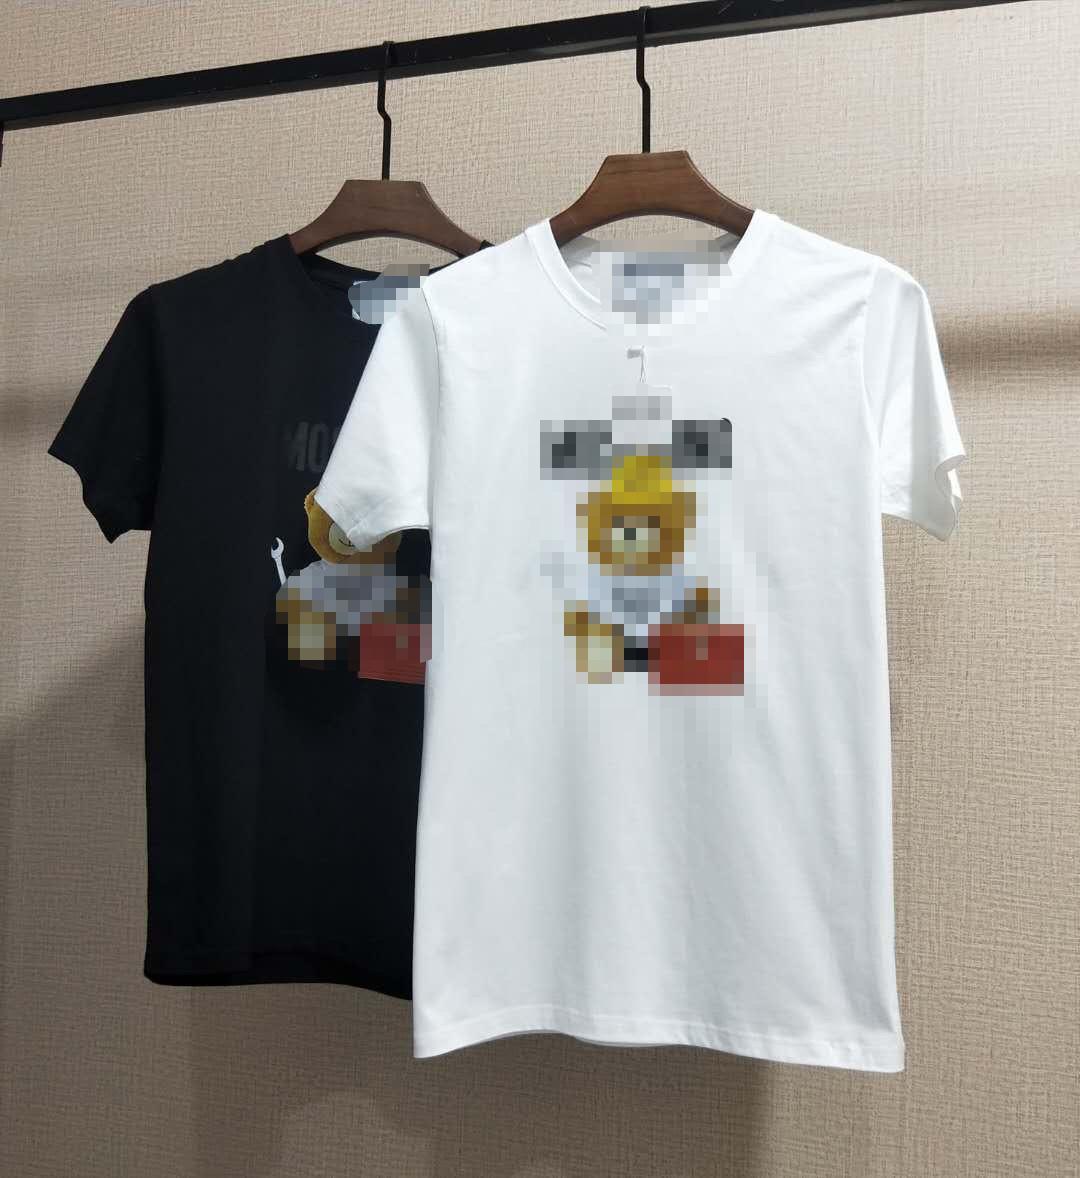 Mens progettista delle donne T-shirt di estate di modo delle donne degli uomini T superiori di marca HipHop maniche corte T-shirt Stampa Paneled Streetwears 2051104H